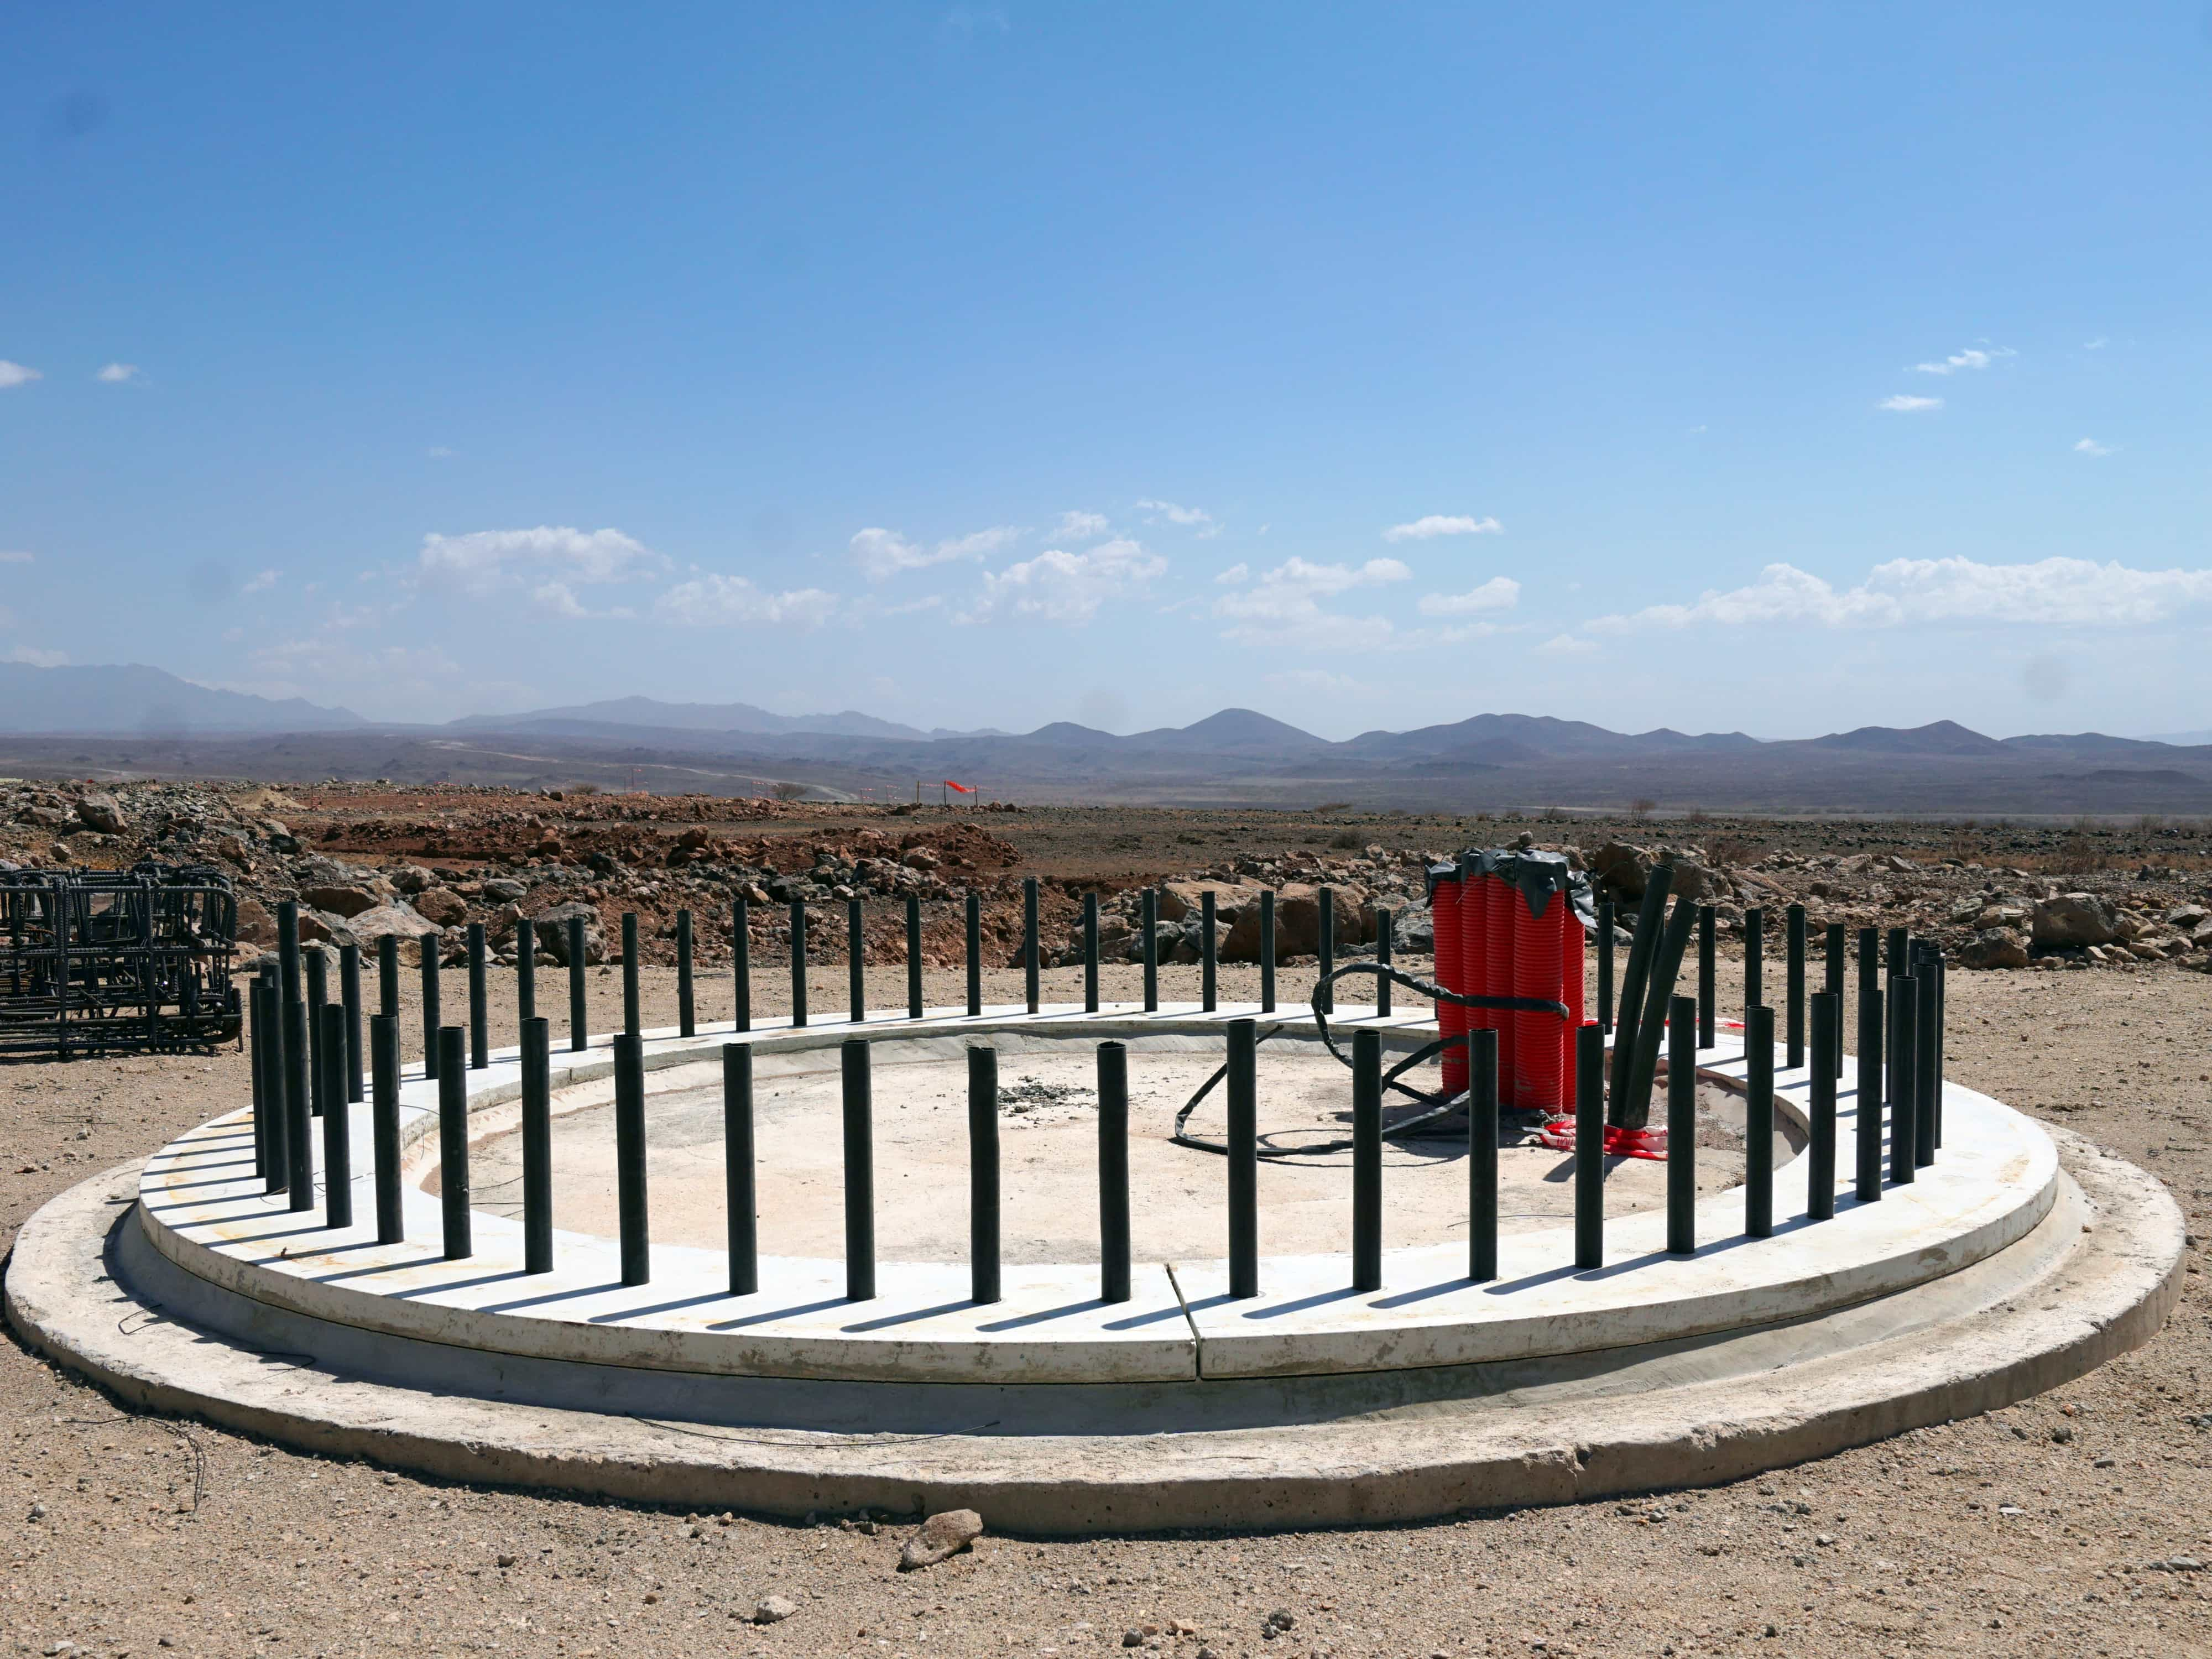 Fundamentet for bæredygtig energi. Platform til vindmølle på 70 meter.